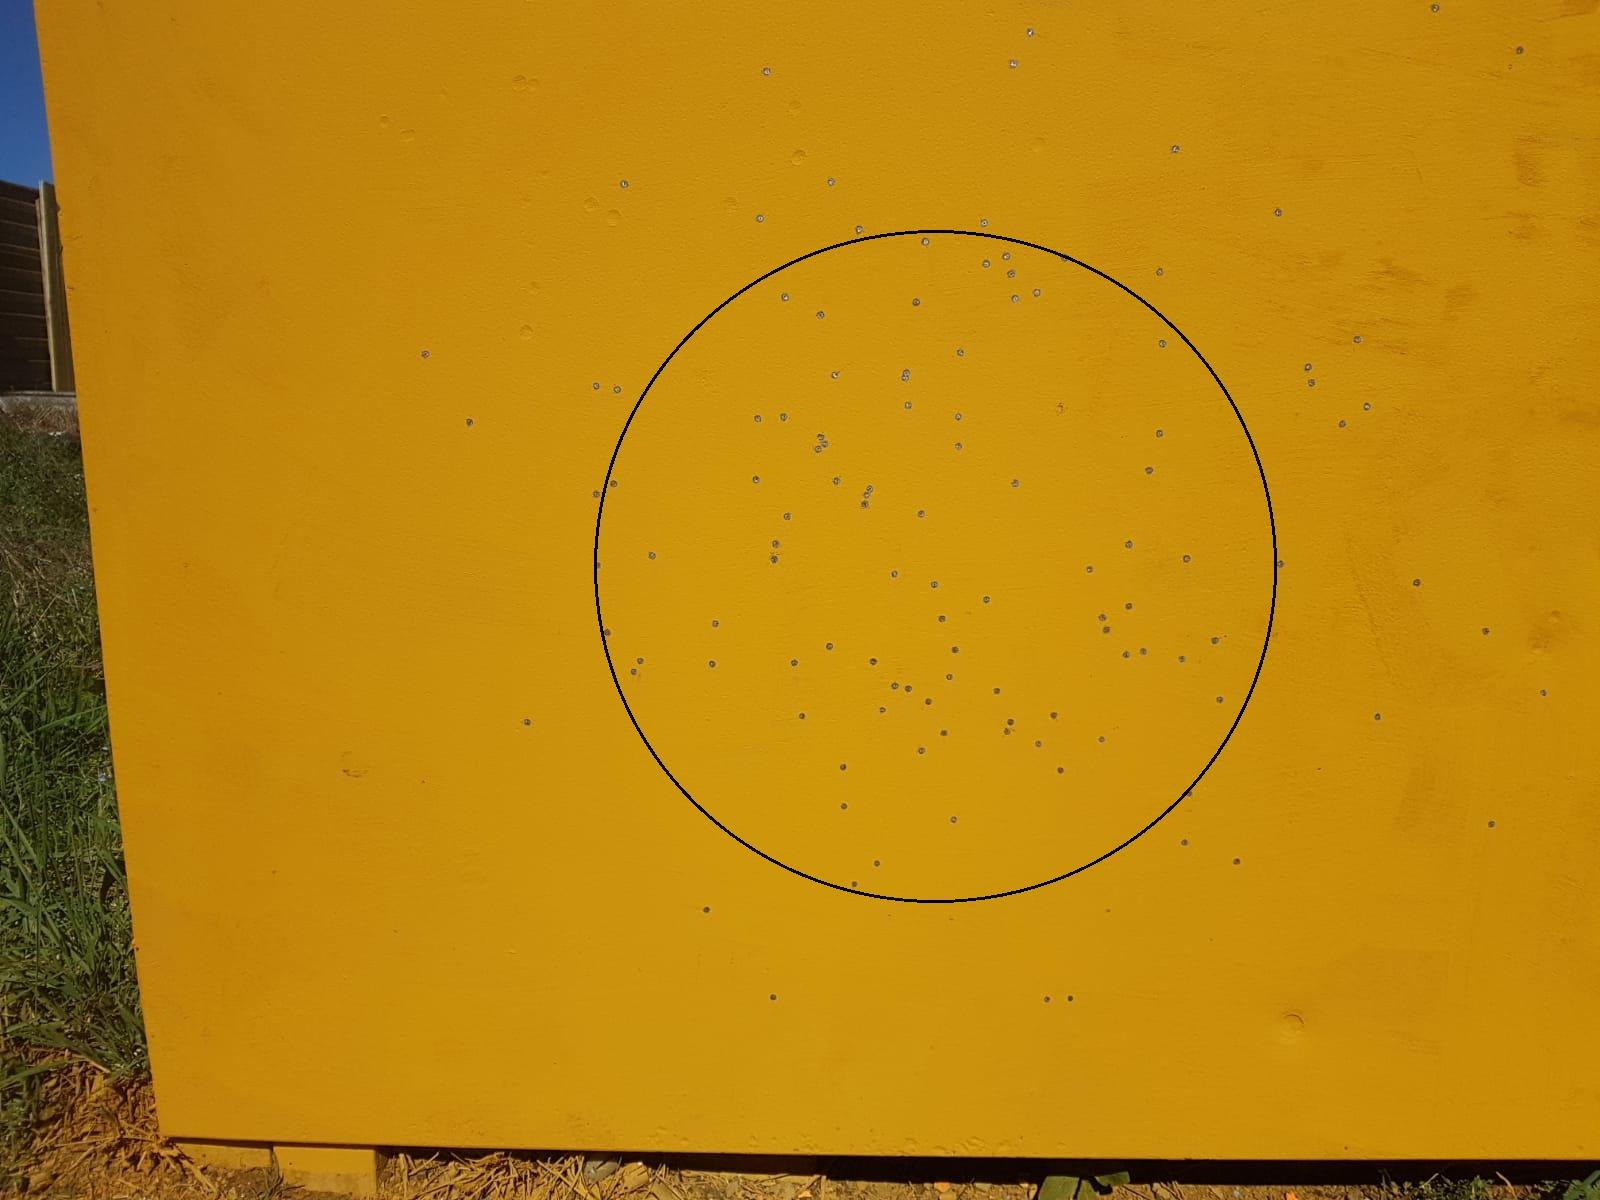 prova di rosata con la cartuccia ricaricata 36 magnum a 23 metri